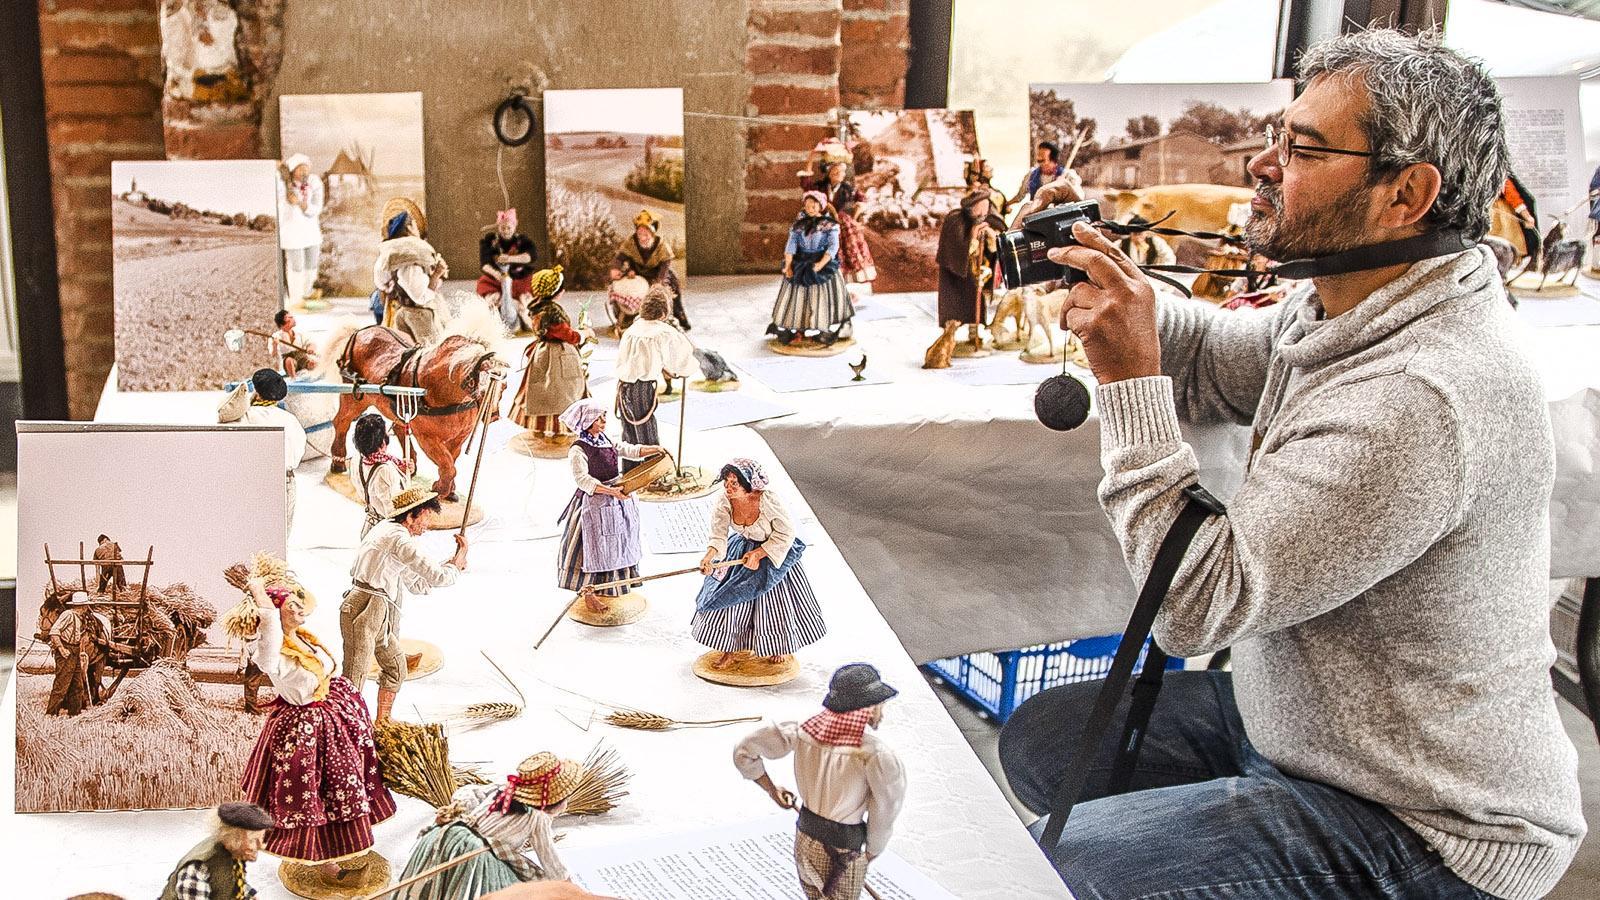 Paul Bioulez zeigt seine Santons das ganze Jahr hindurch auf Ausstellungen. Foto: Hilke Maunder